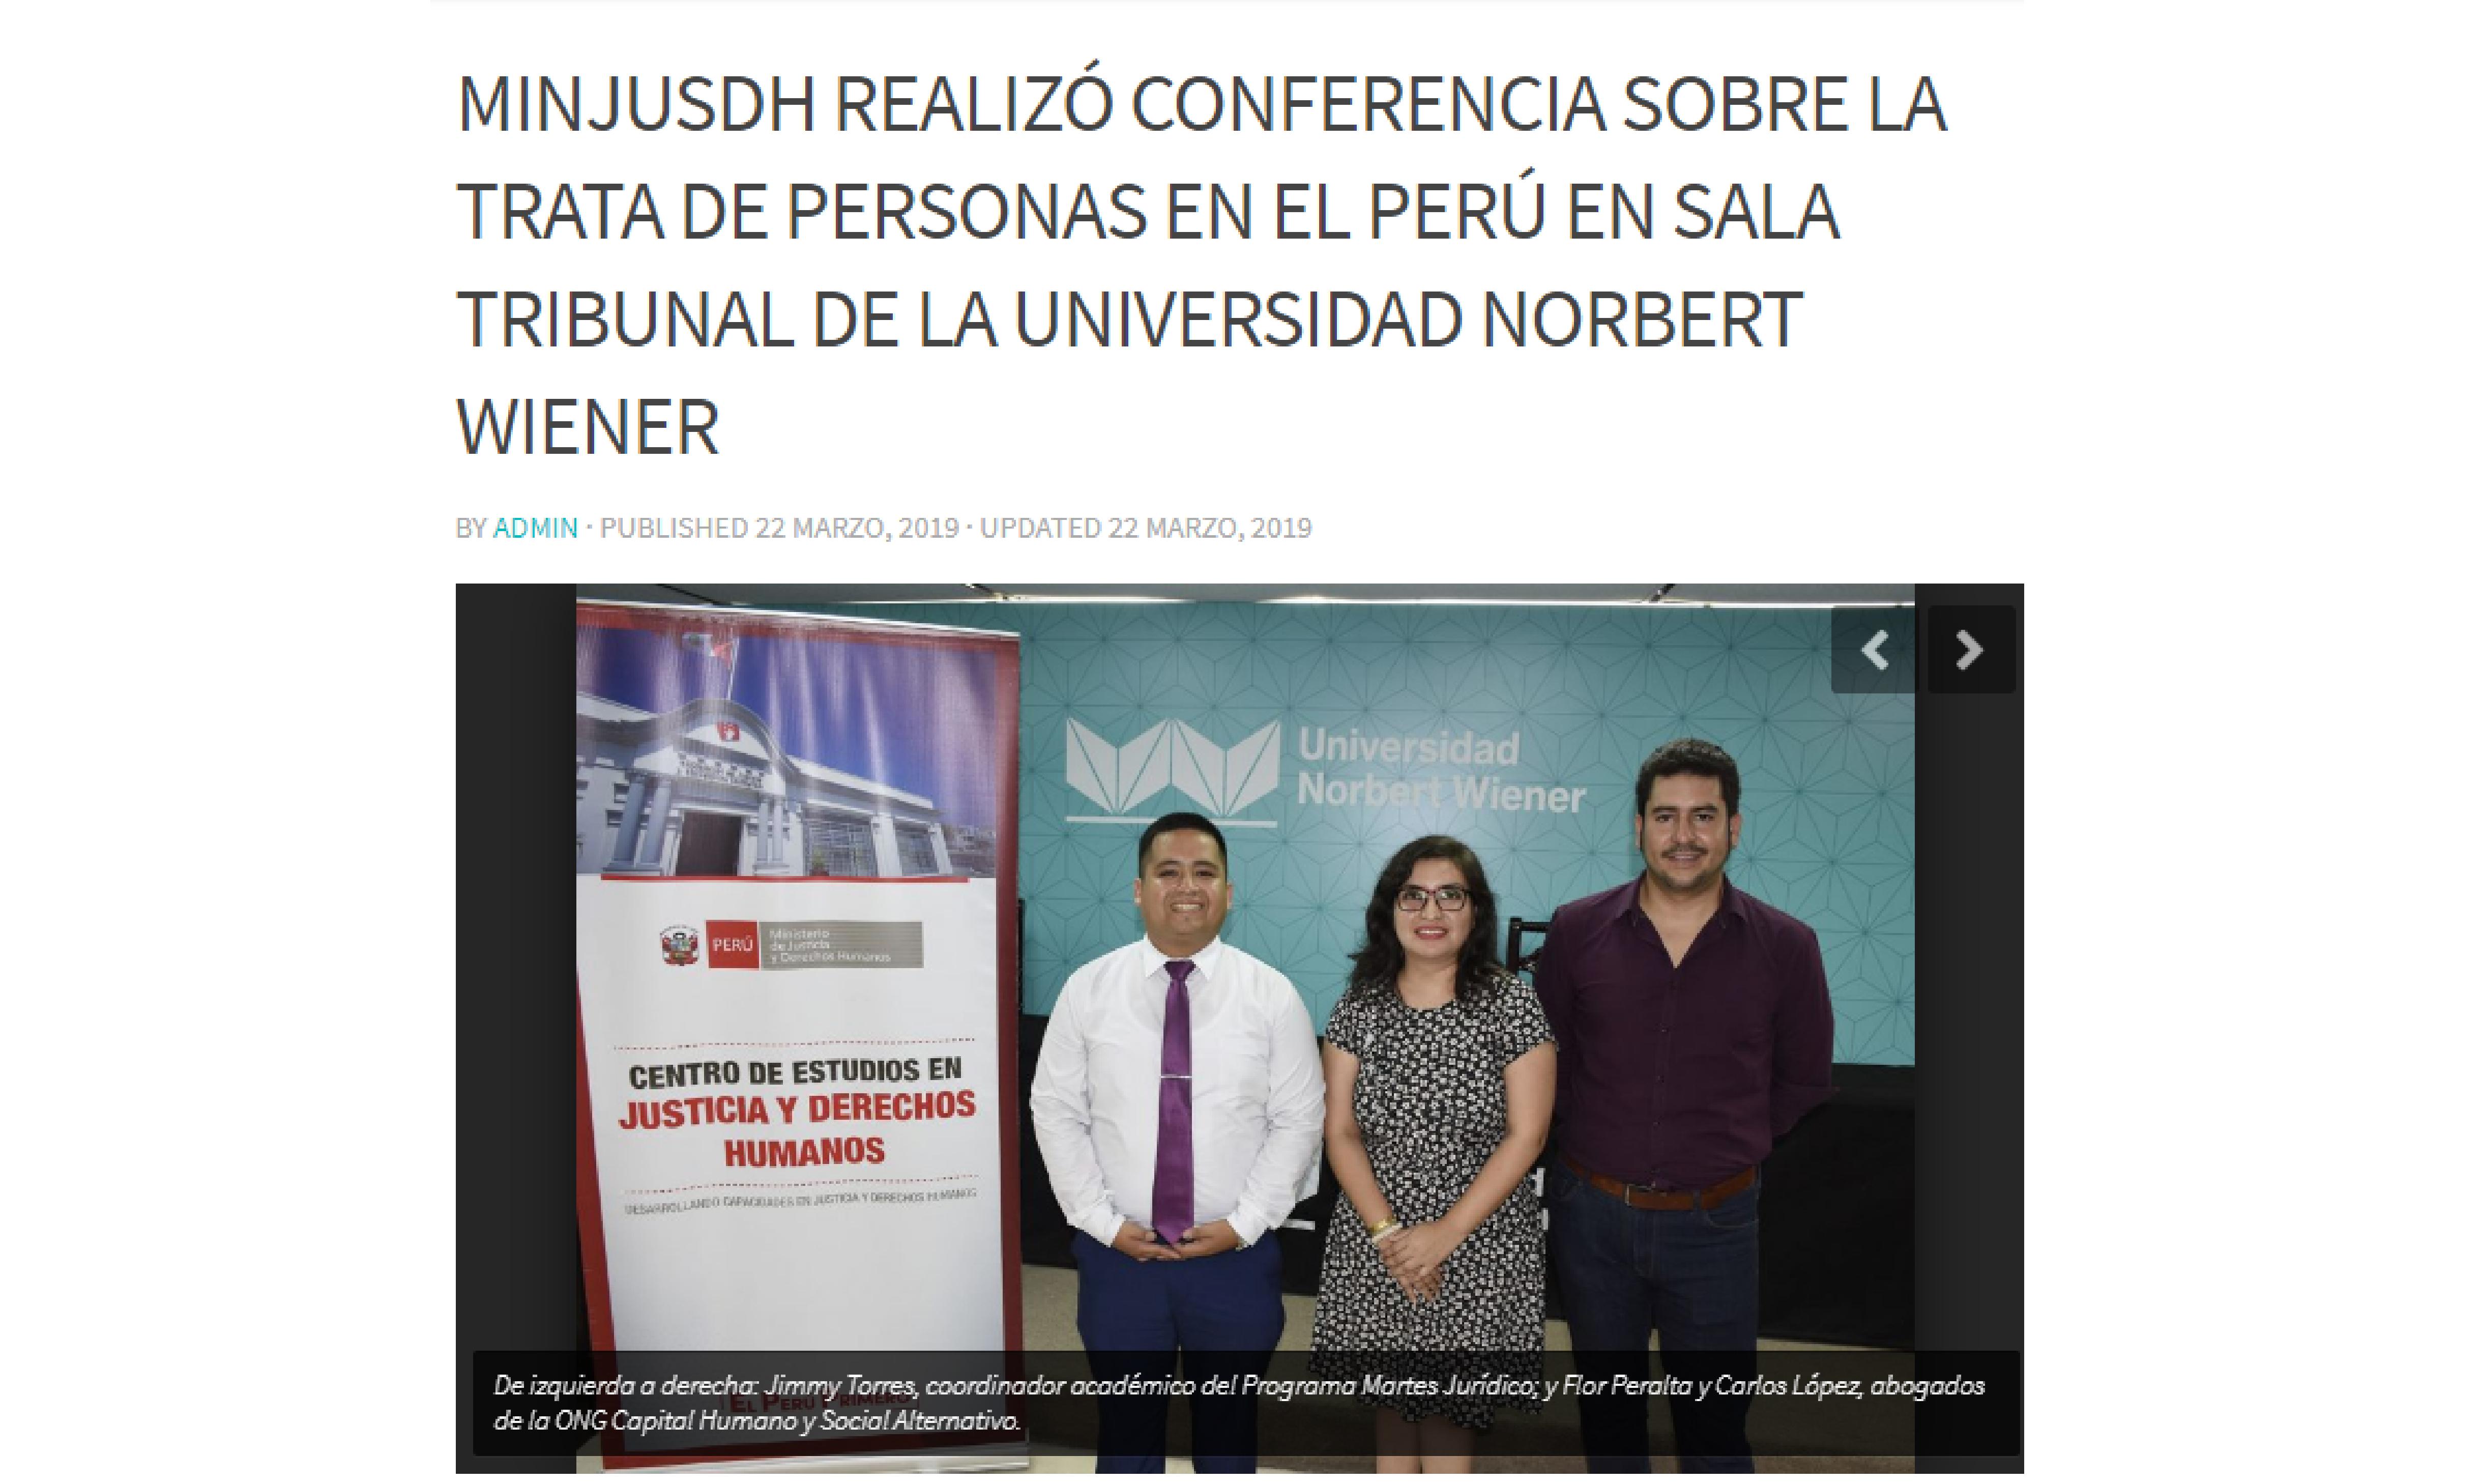 MINJUSDH realizó conferencia sobre la trata de personas en el Perú en sala tribunal de la Universidad Norbert Wiener